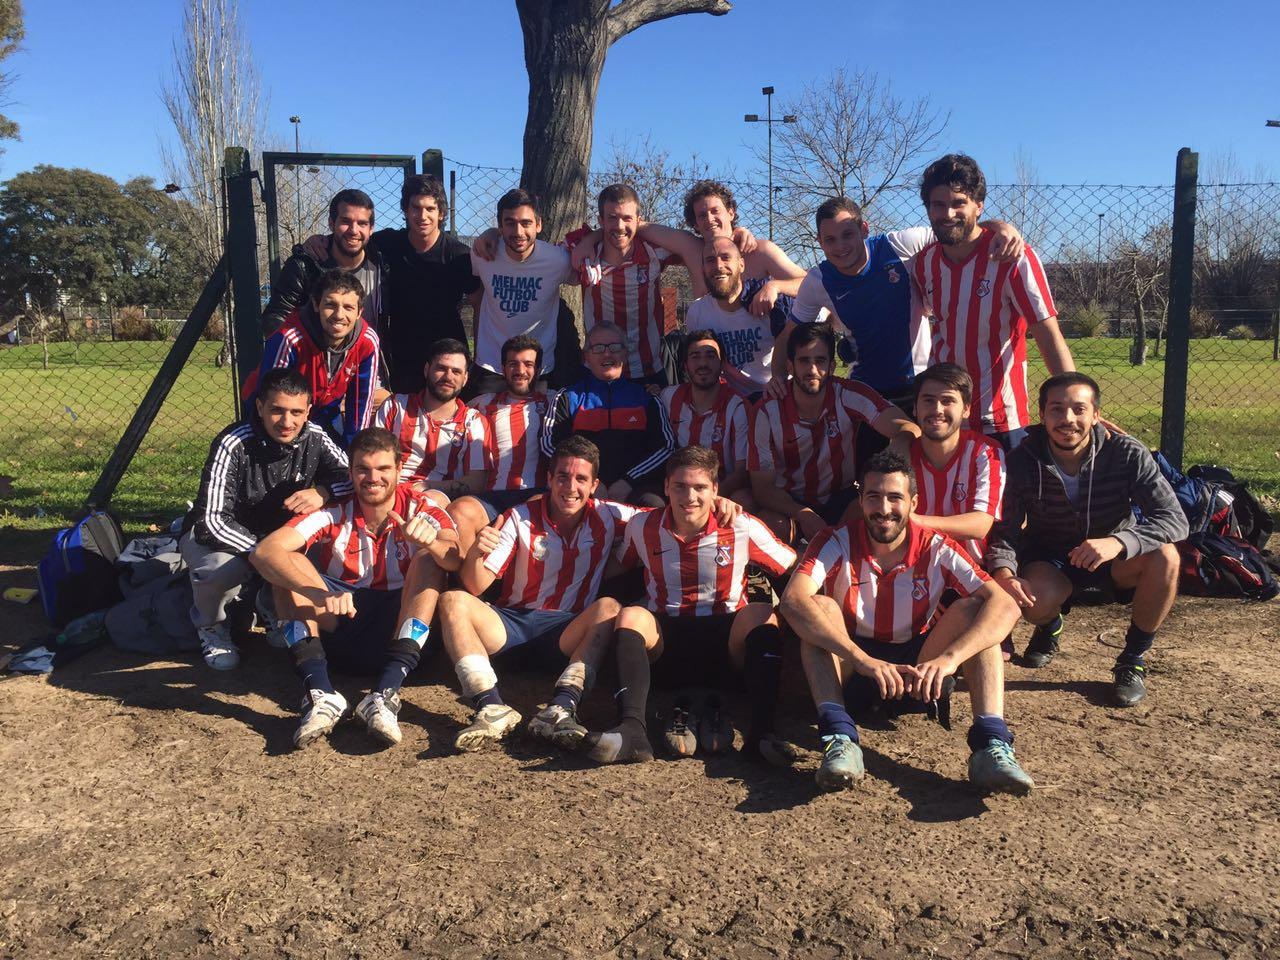 """<p>El equipo Melmac FC juega en la División de Honor de la UBA y cuenta la historia<span style=""""font-size: 12.8px;"""">de sus ascensos, como son sus entrenamientos y apuntan a que sea más que solo un equipo de fines de semana. Lee todo acerca de ellos.</span></p>"""